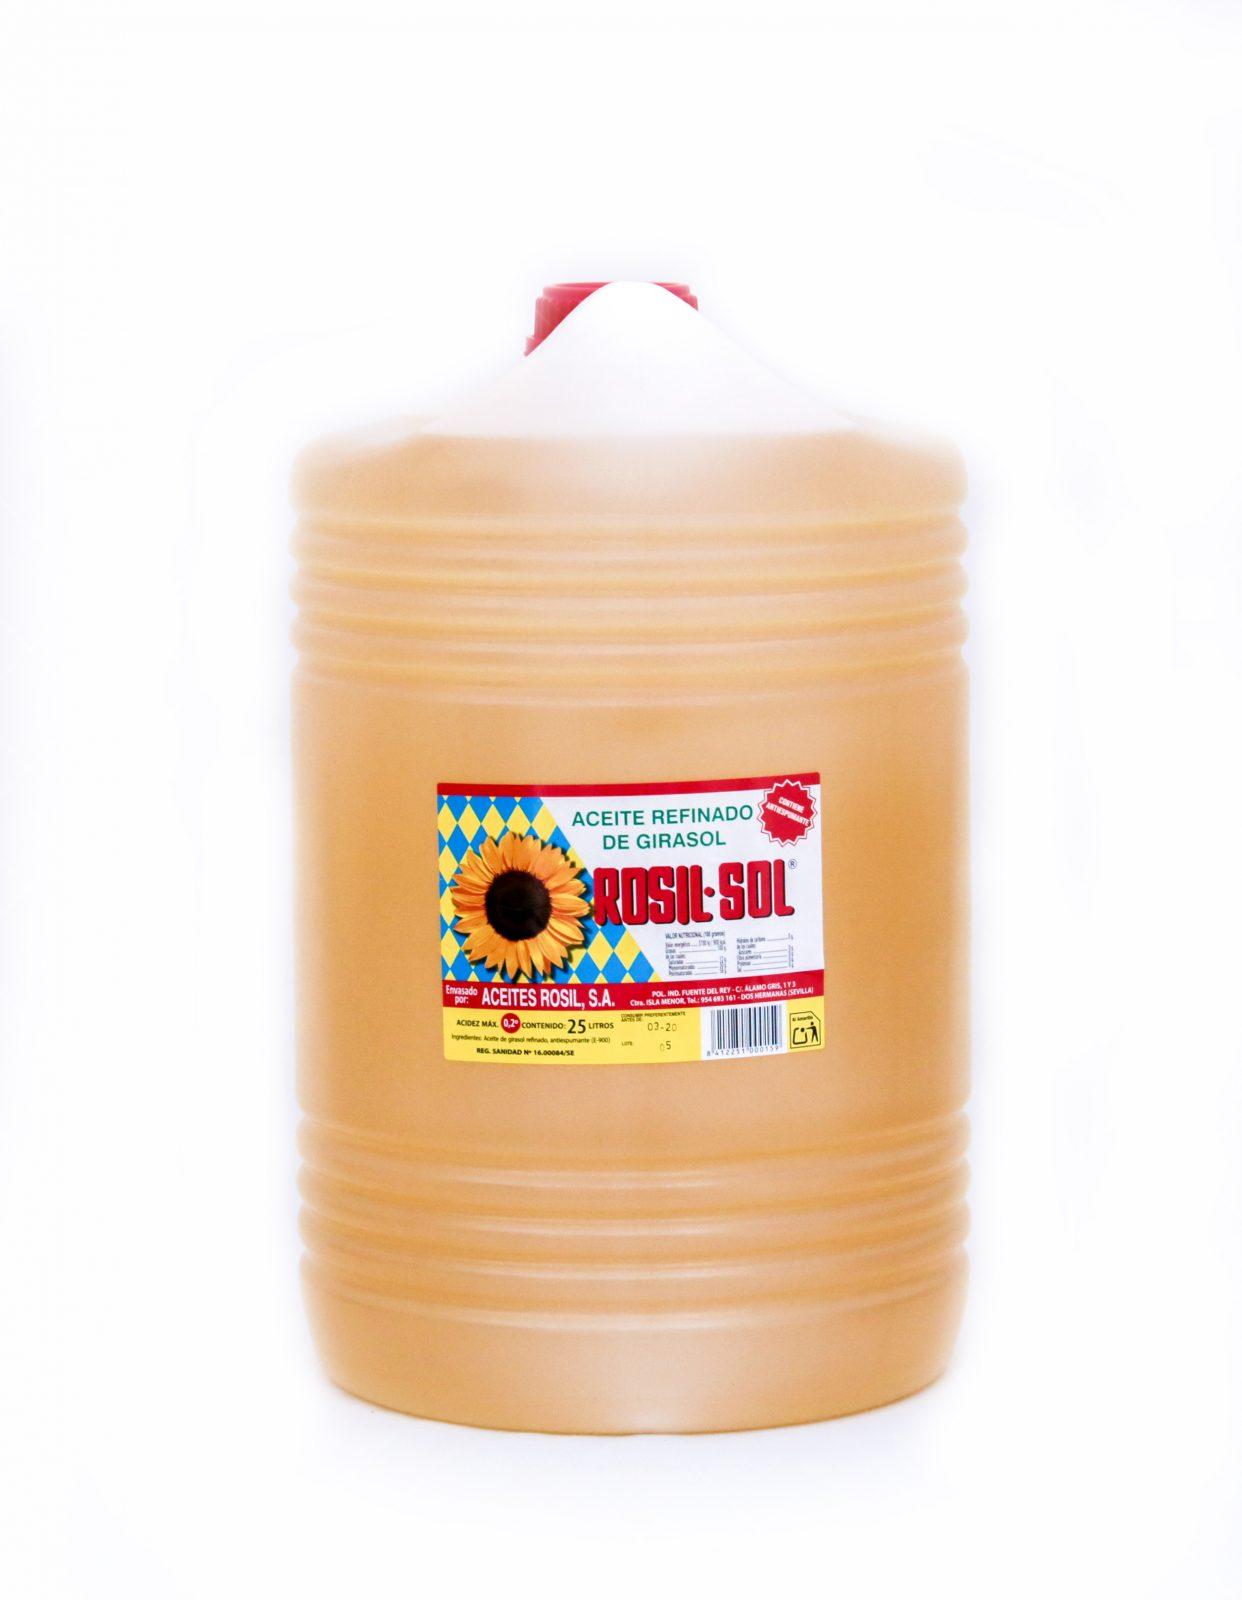 Aceite de girasol refinado y winterizado